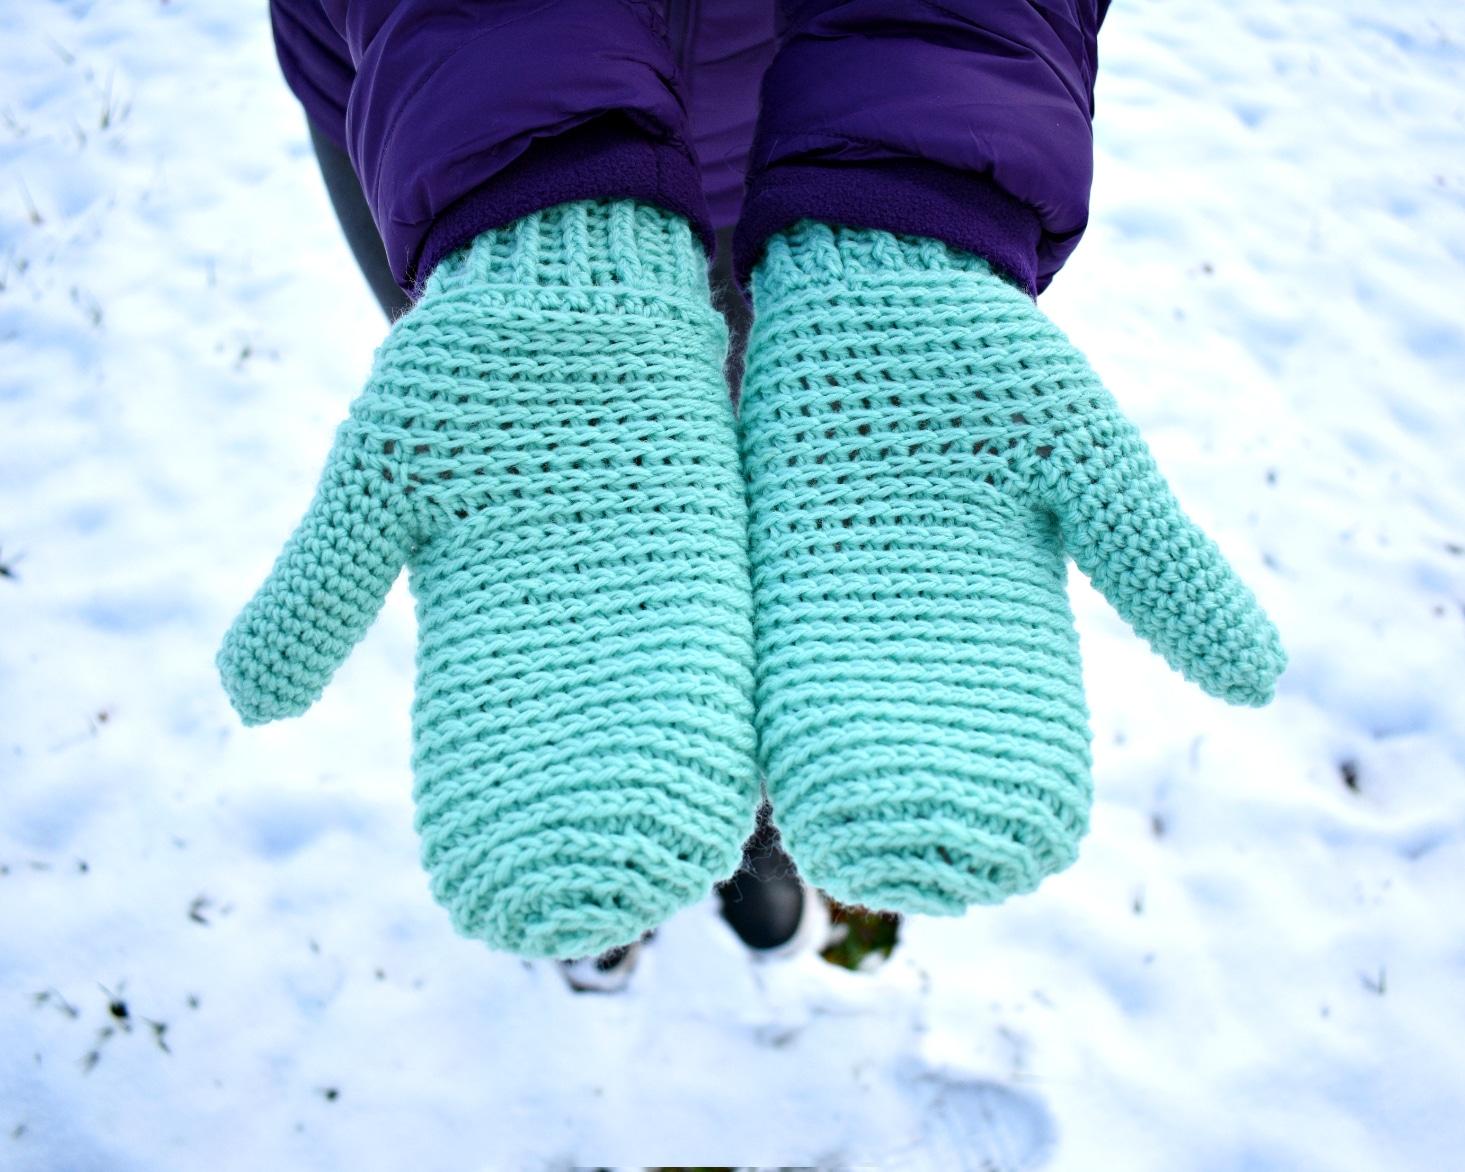 Sidewinder Crochet Mittens Pattern